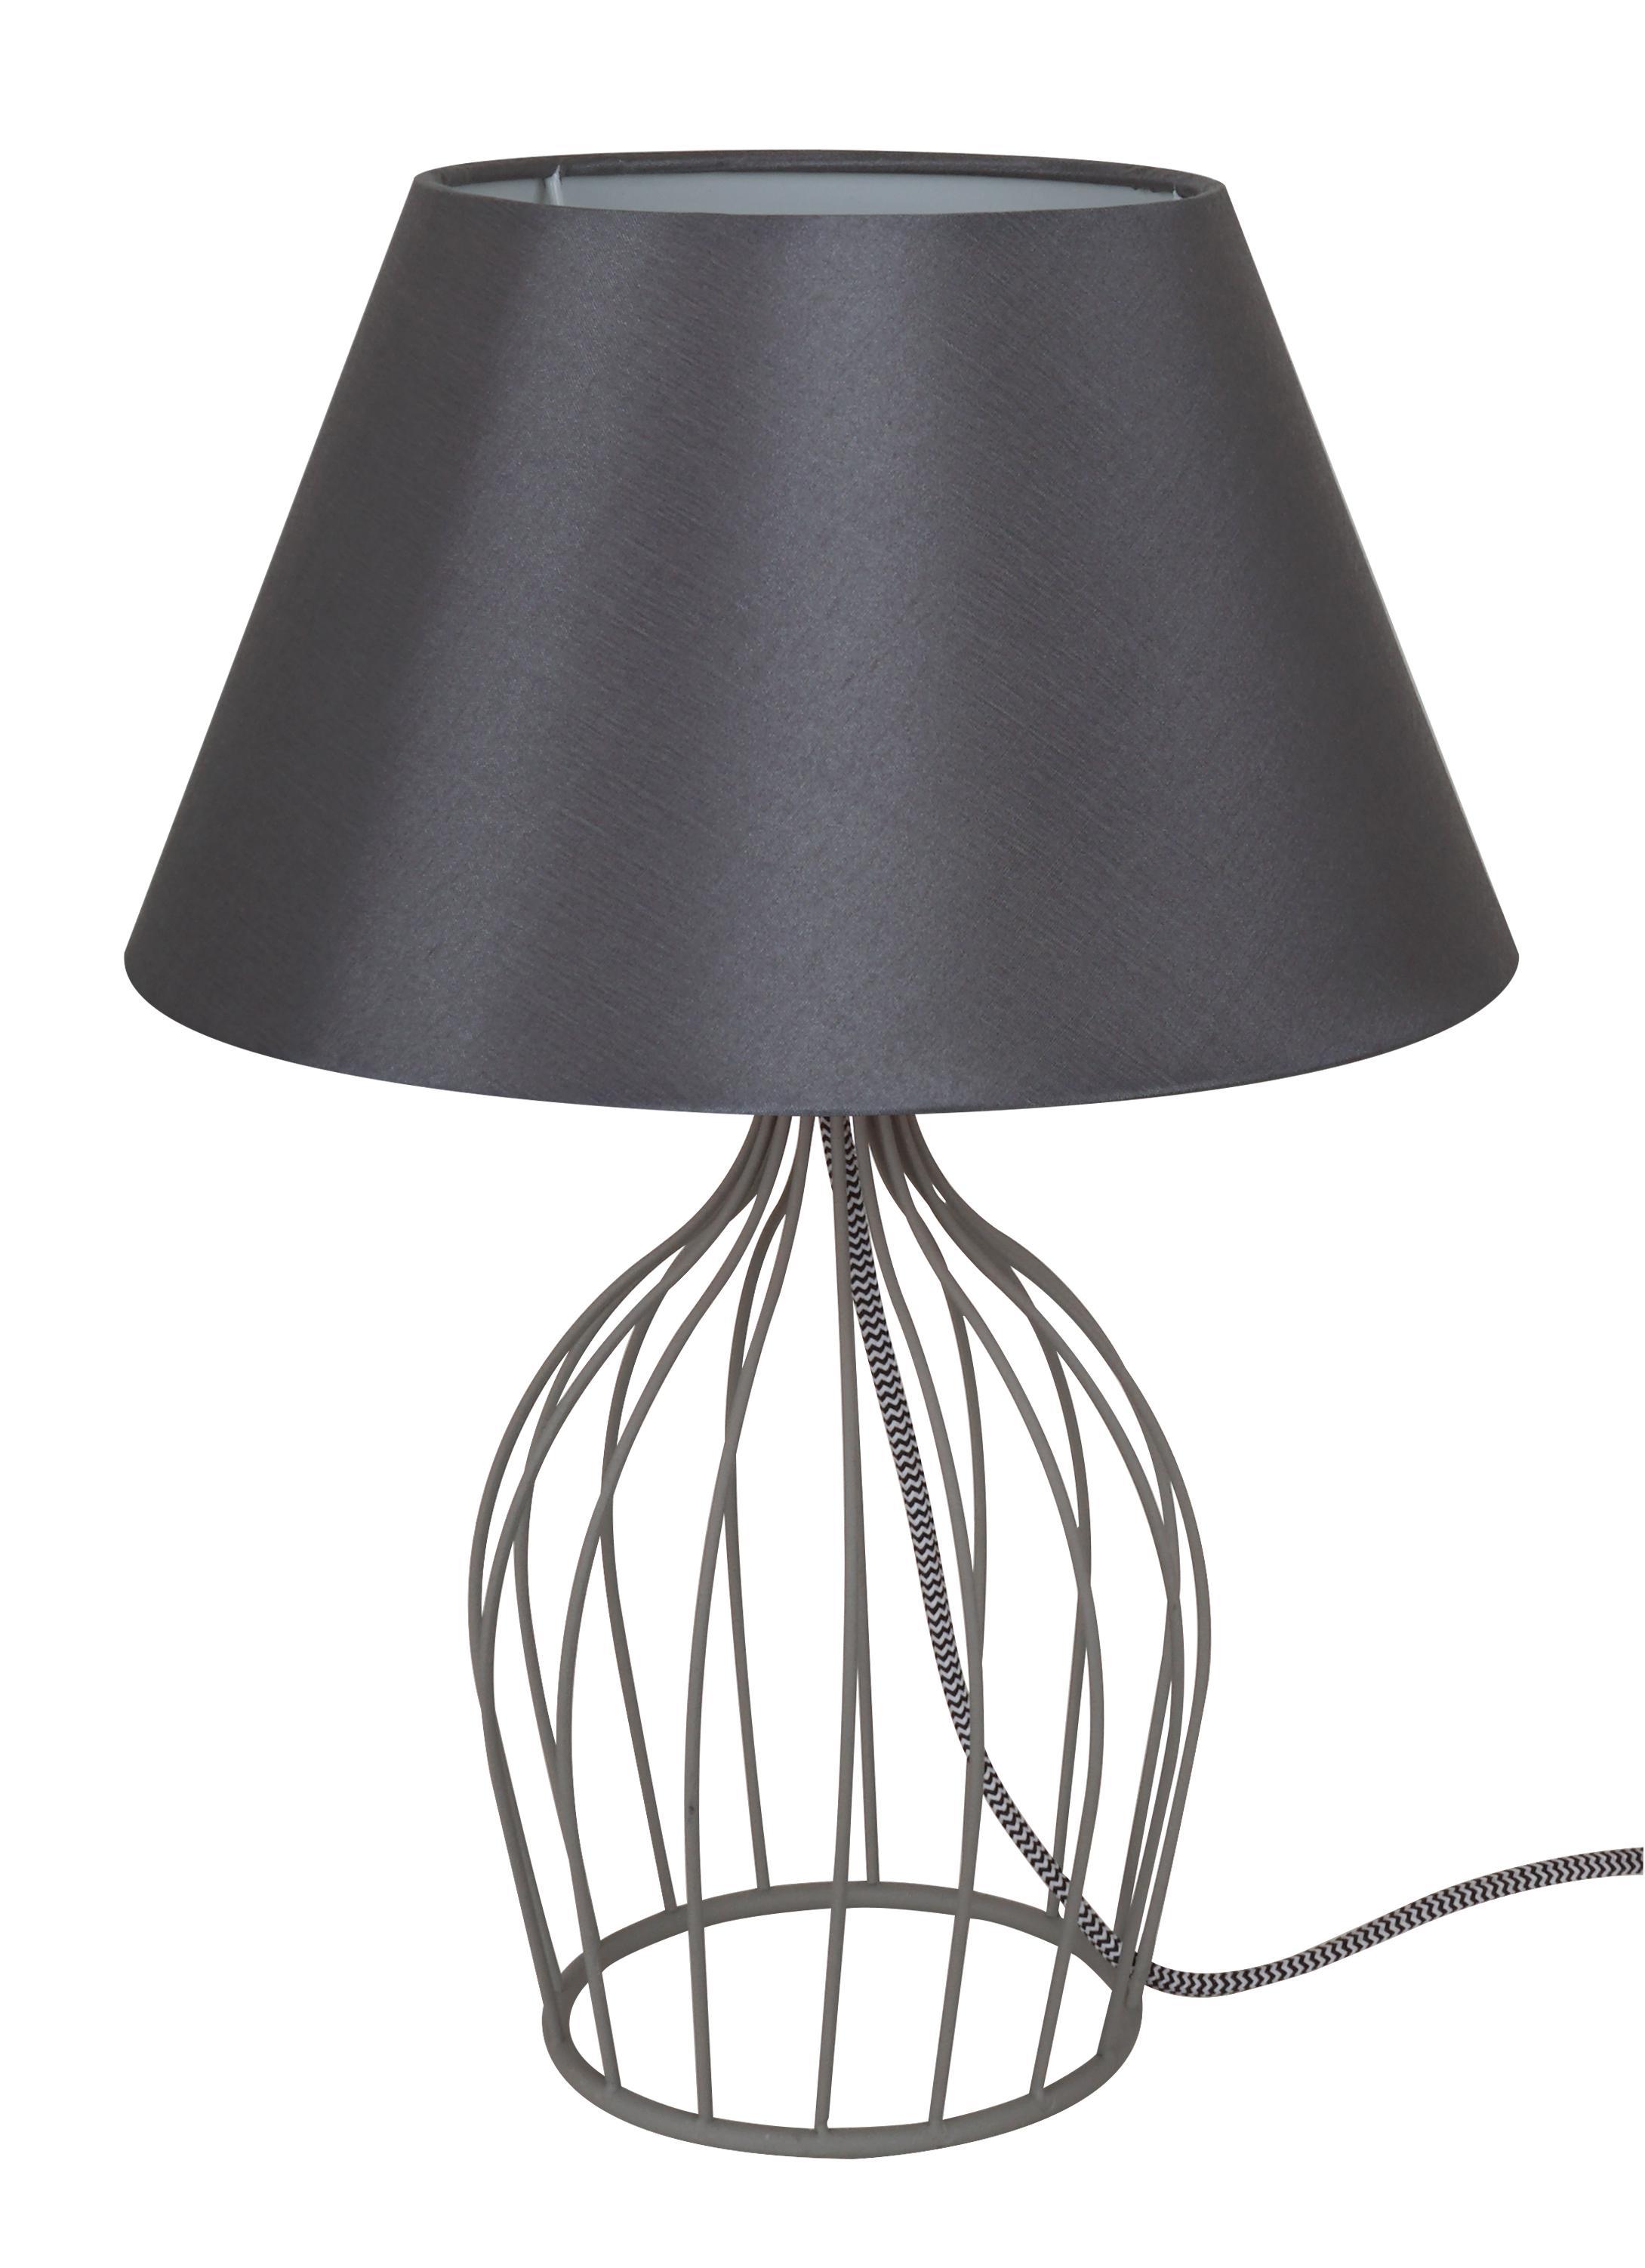 Лампа настольная J-light Filly 1310/1t